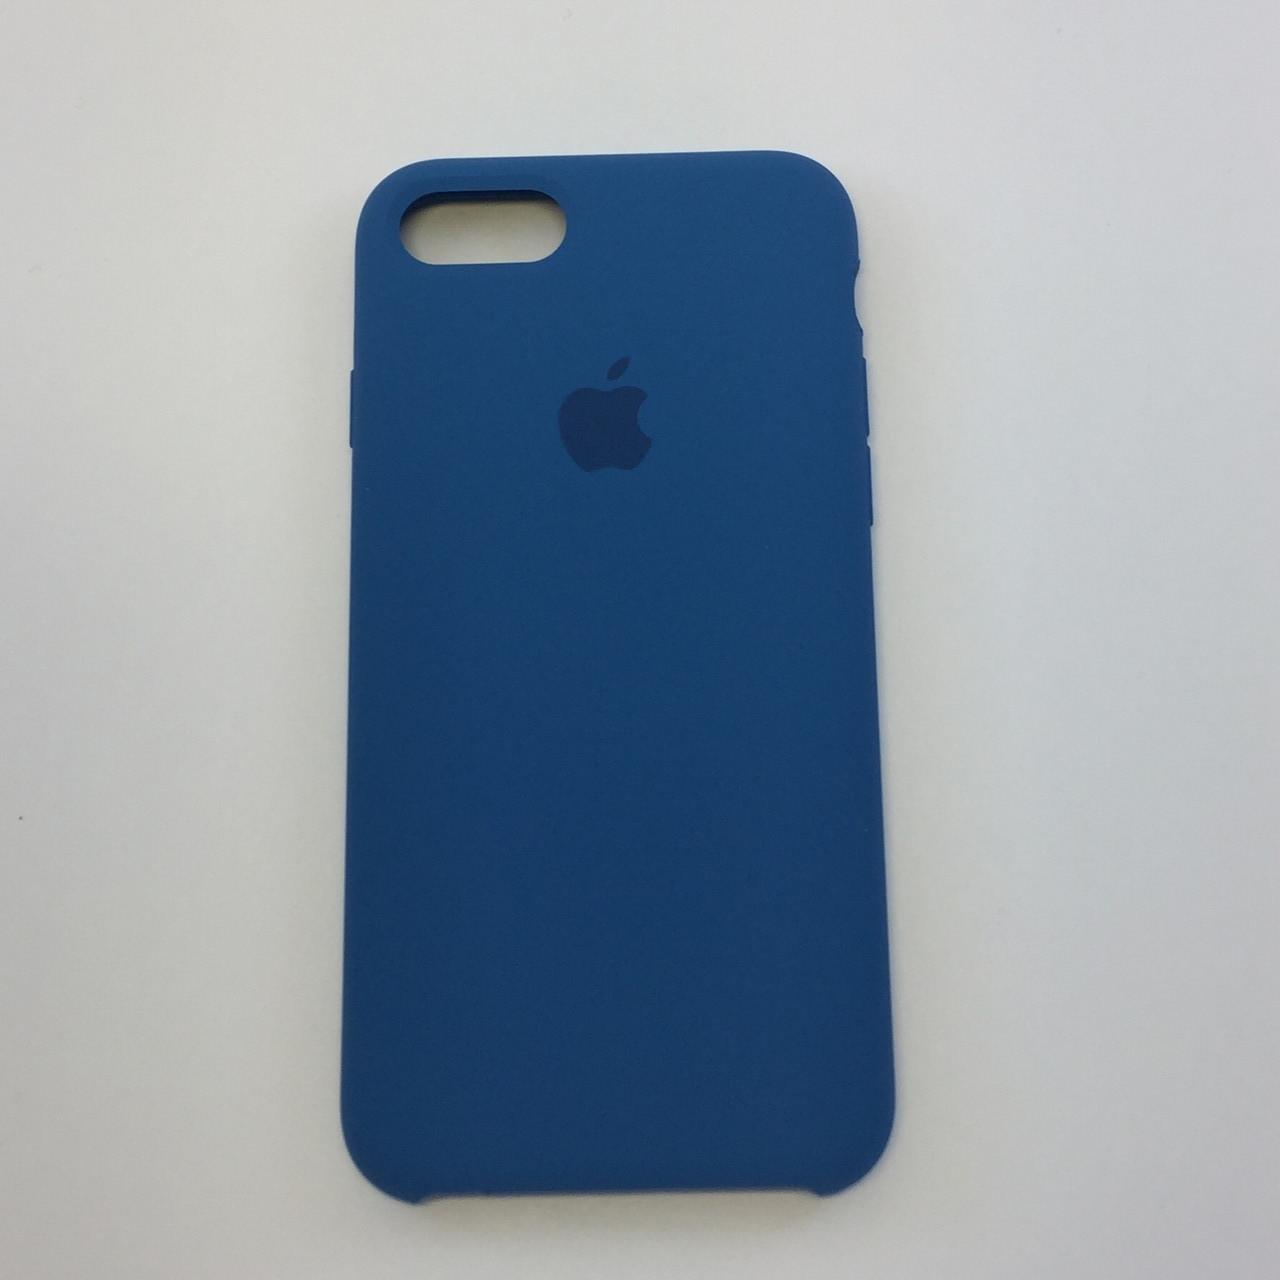 Чехол для iPhone 7 Plus, темный кобальт, силикон, copy original